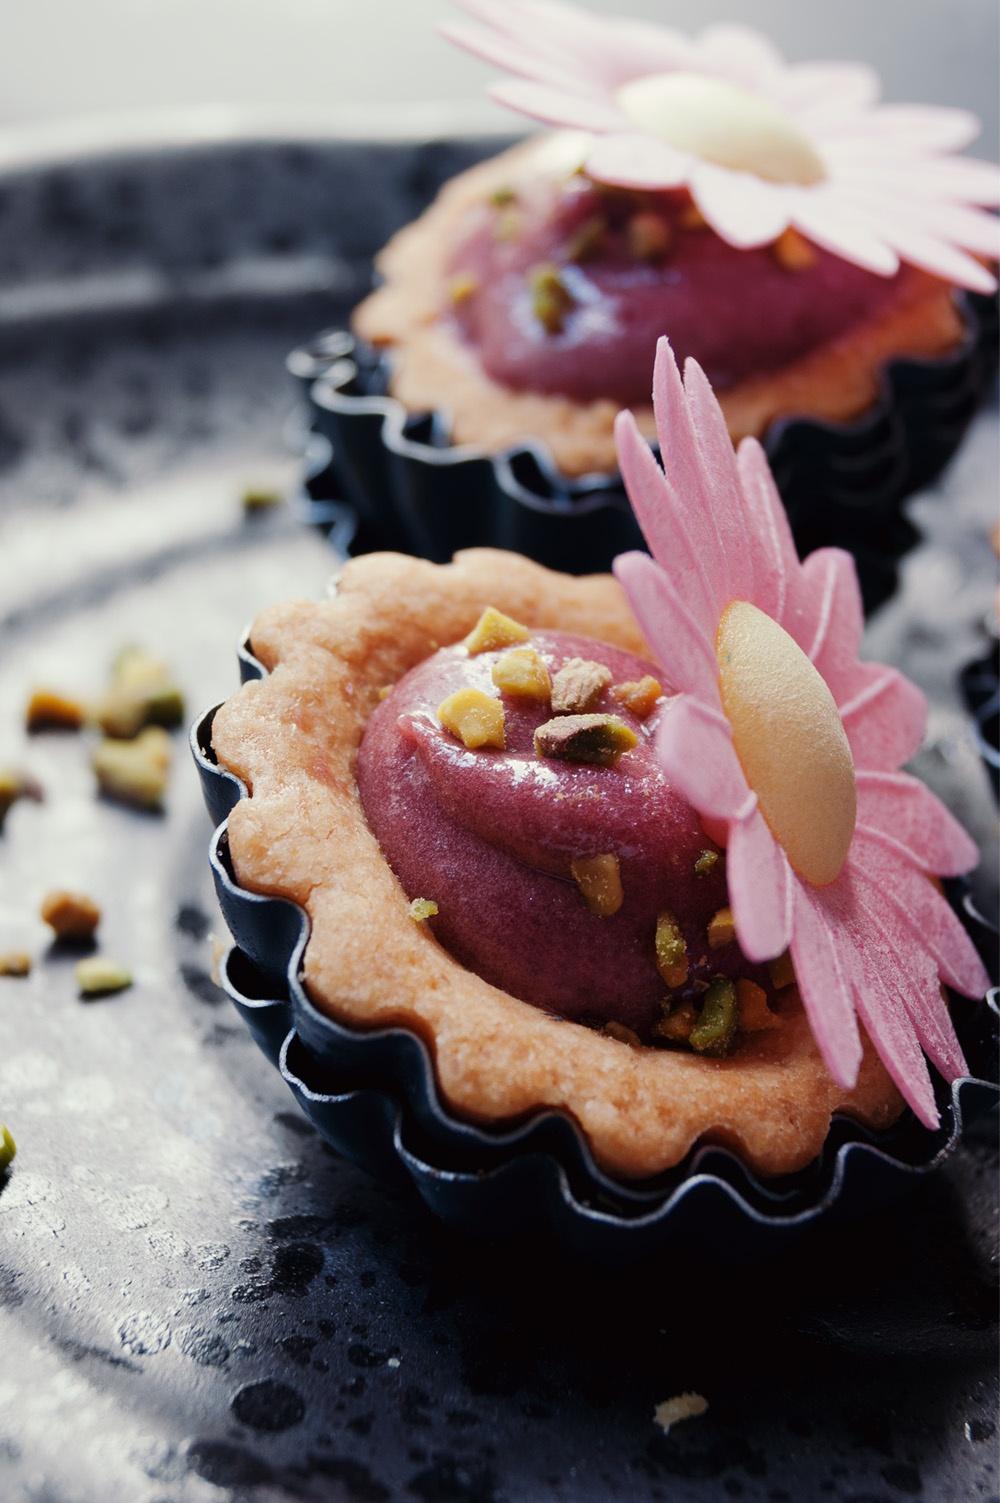 Tartelettes raspberry curd 3 - Qui a volé les tartes - Studio 2 création